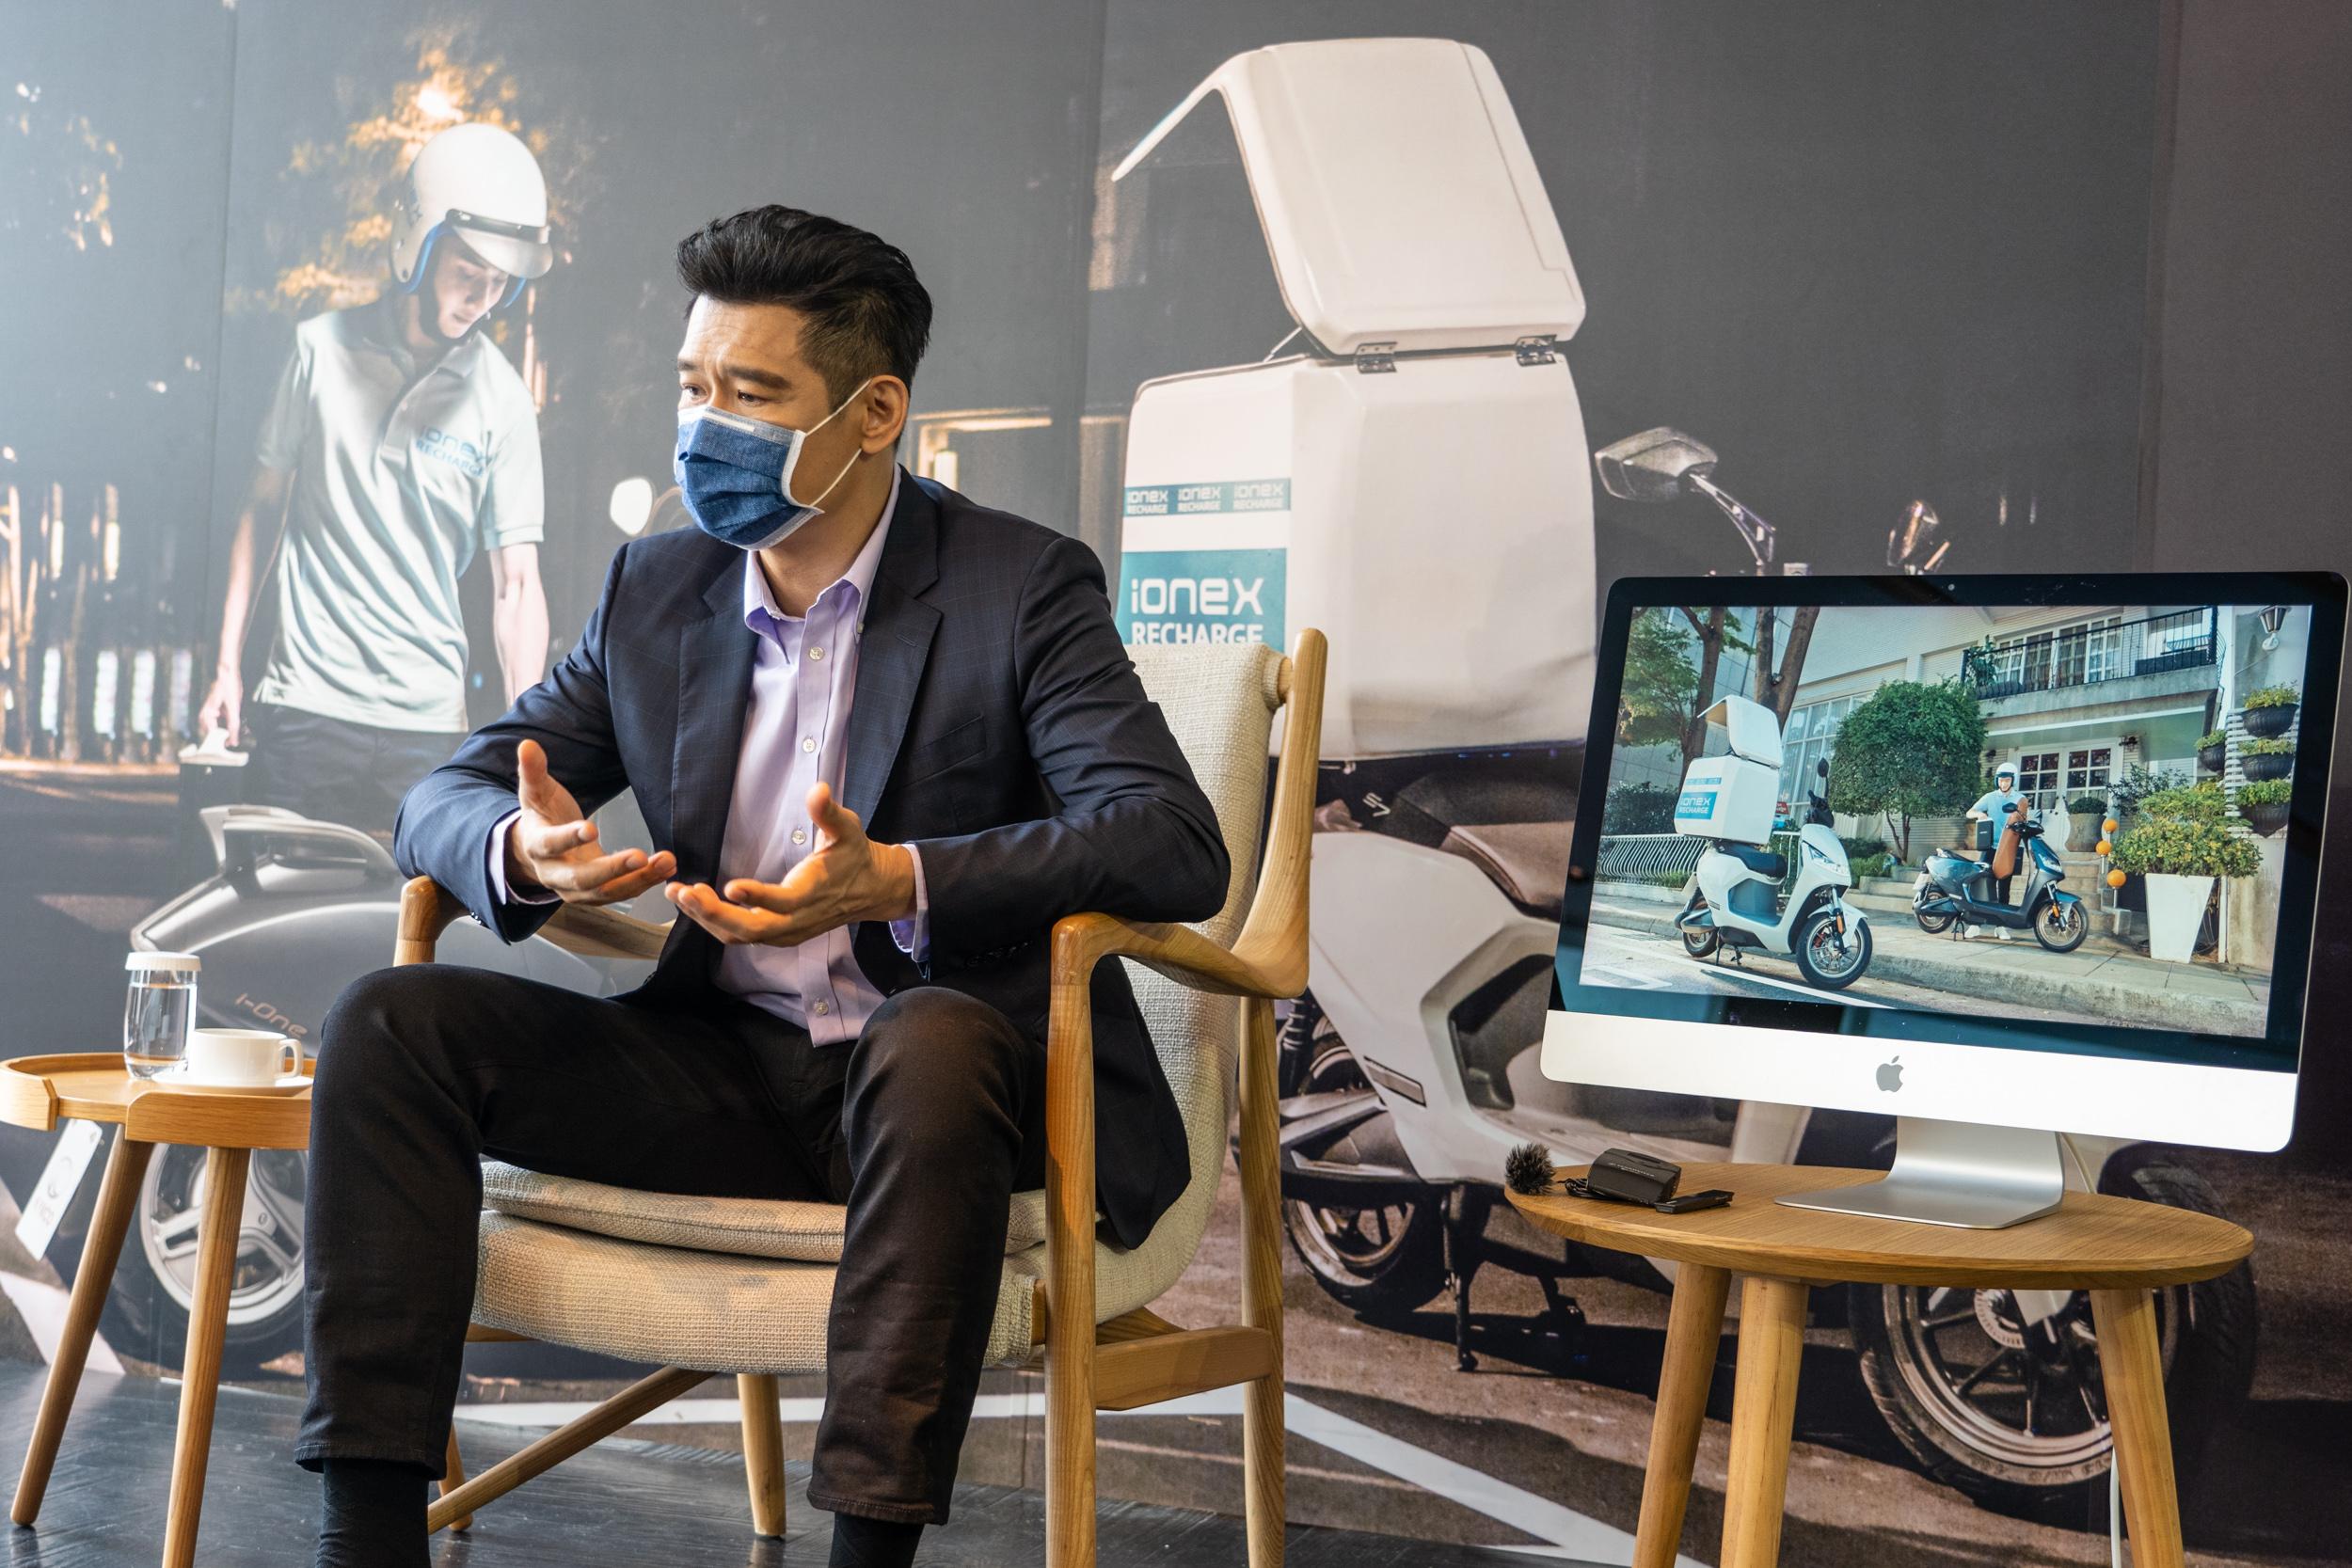 面對全新的電動機車未來,柯董事長認為不能再用傳統燃油機車的思維,要開創全新的可能性。